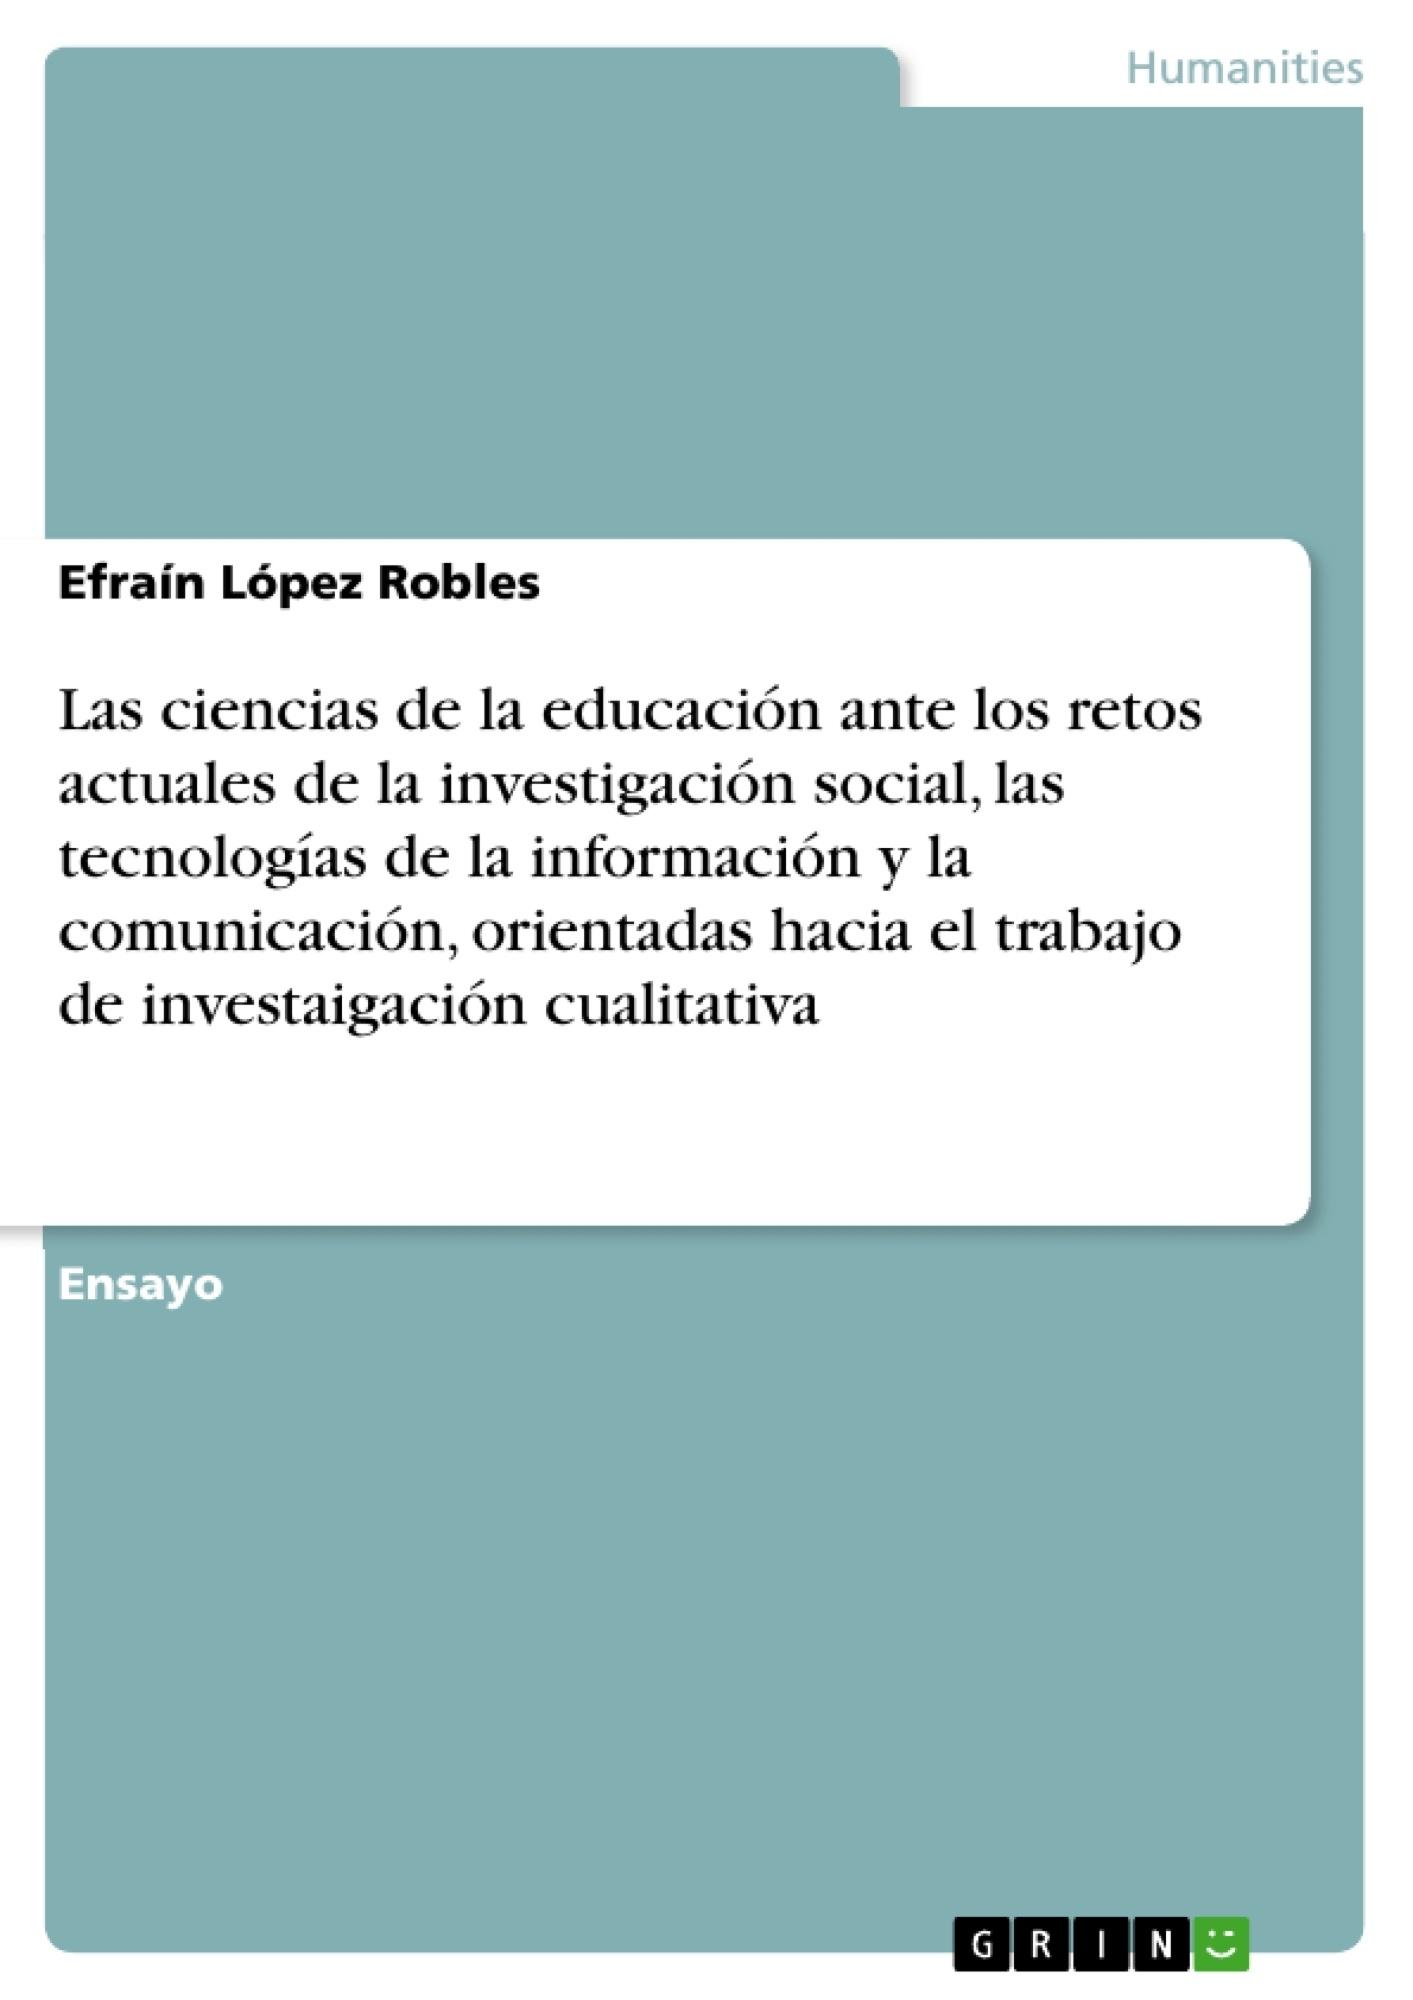 Título: Las ciencias de la educación ante los retos actuales de la investigación social, las tecnologías de la información y la comunicación, orientadas hacia el trabajo de investaigación cualitativa